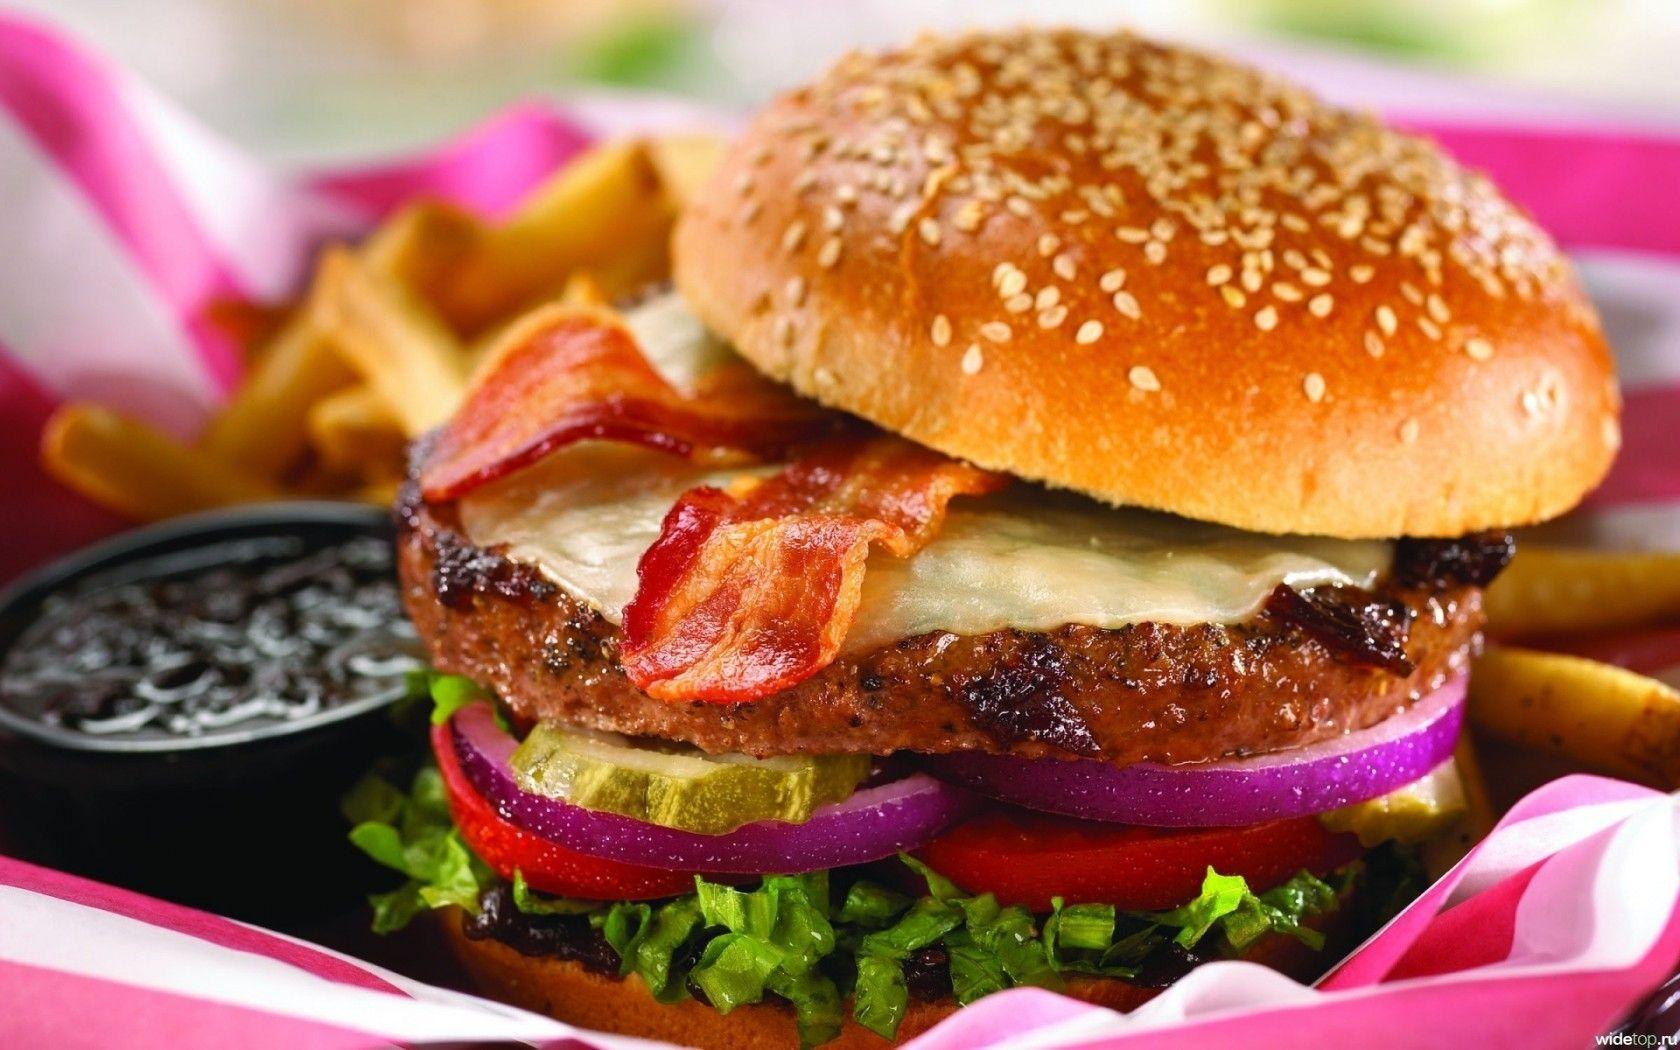 Fructul care anulează efectele negative produse mâncarea de tip fast food